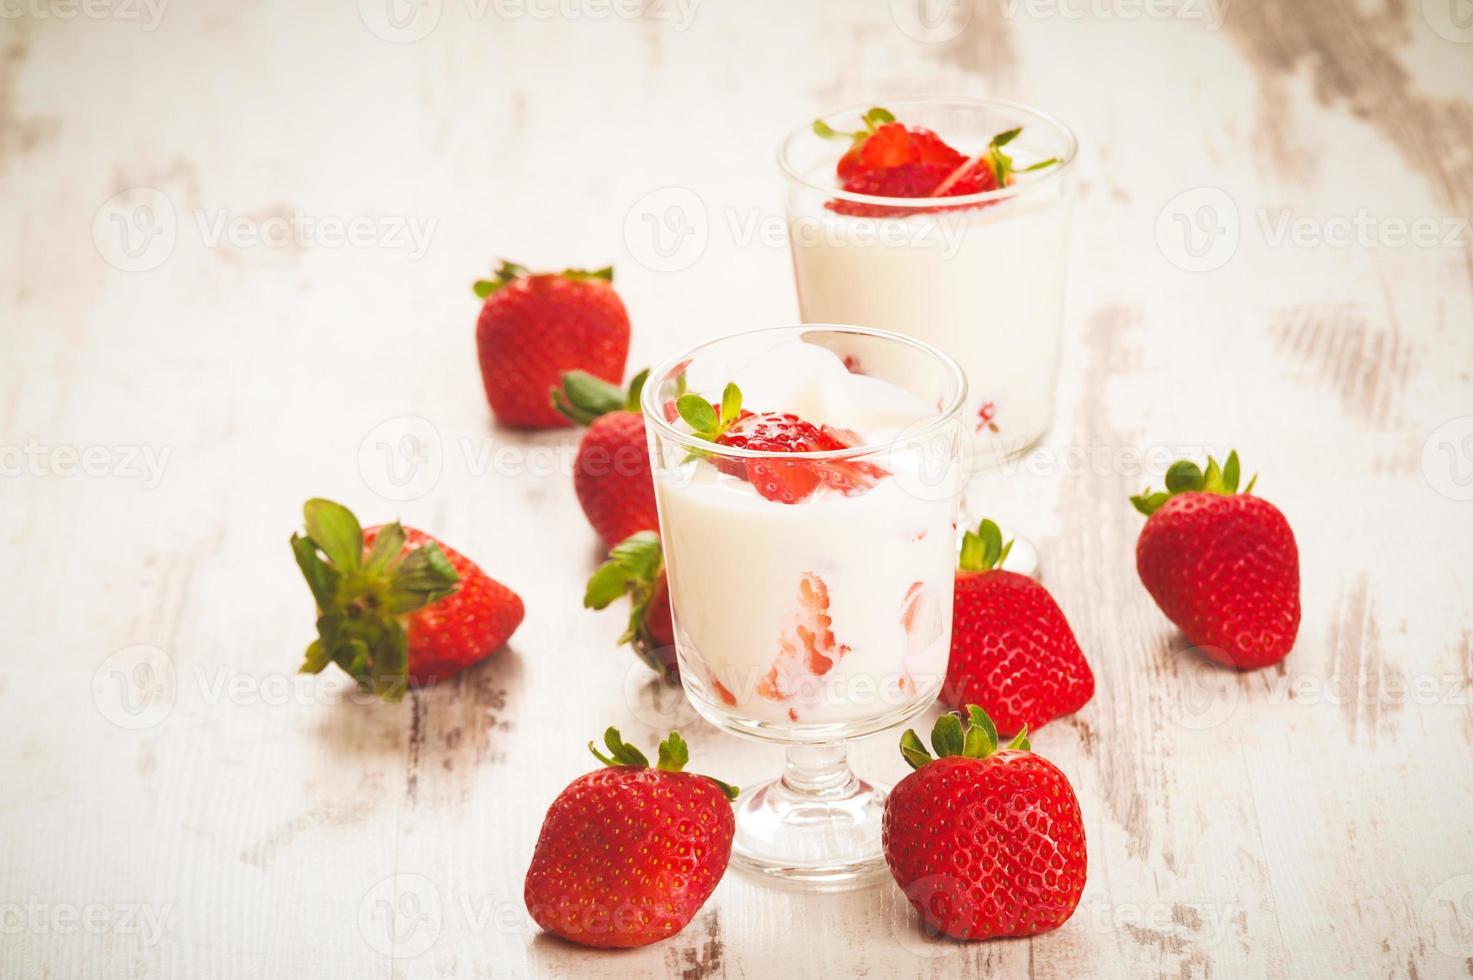 fluffiga och fulla av vitaminer friska jordgubbar på vitt trä foto